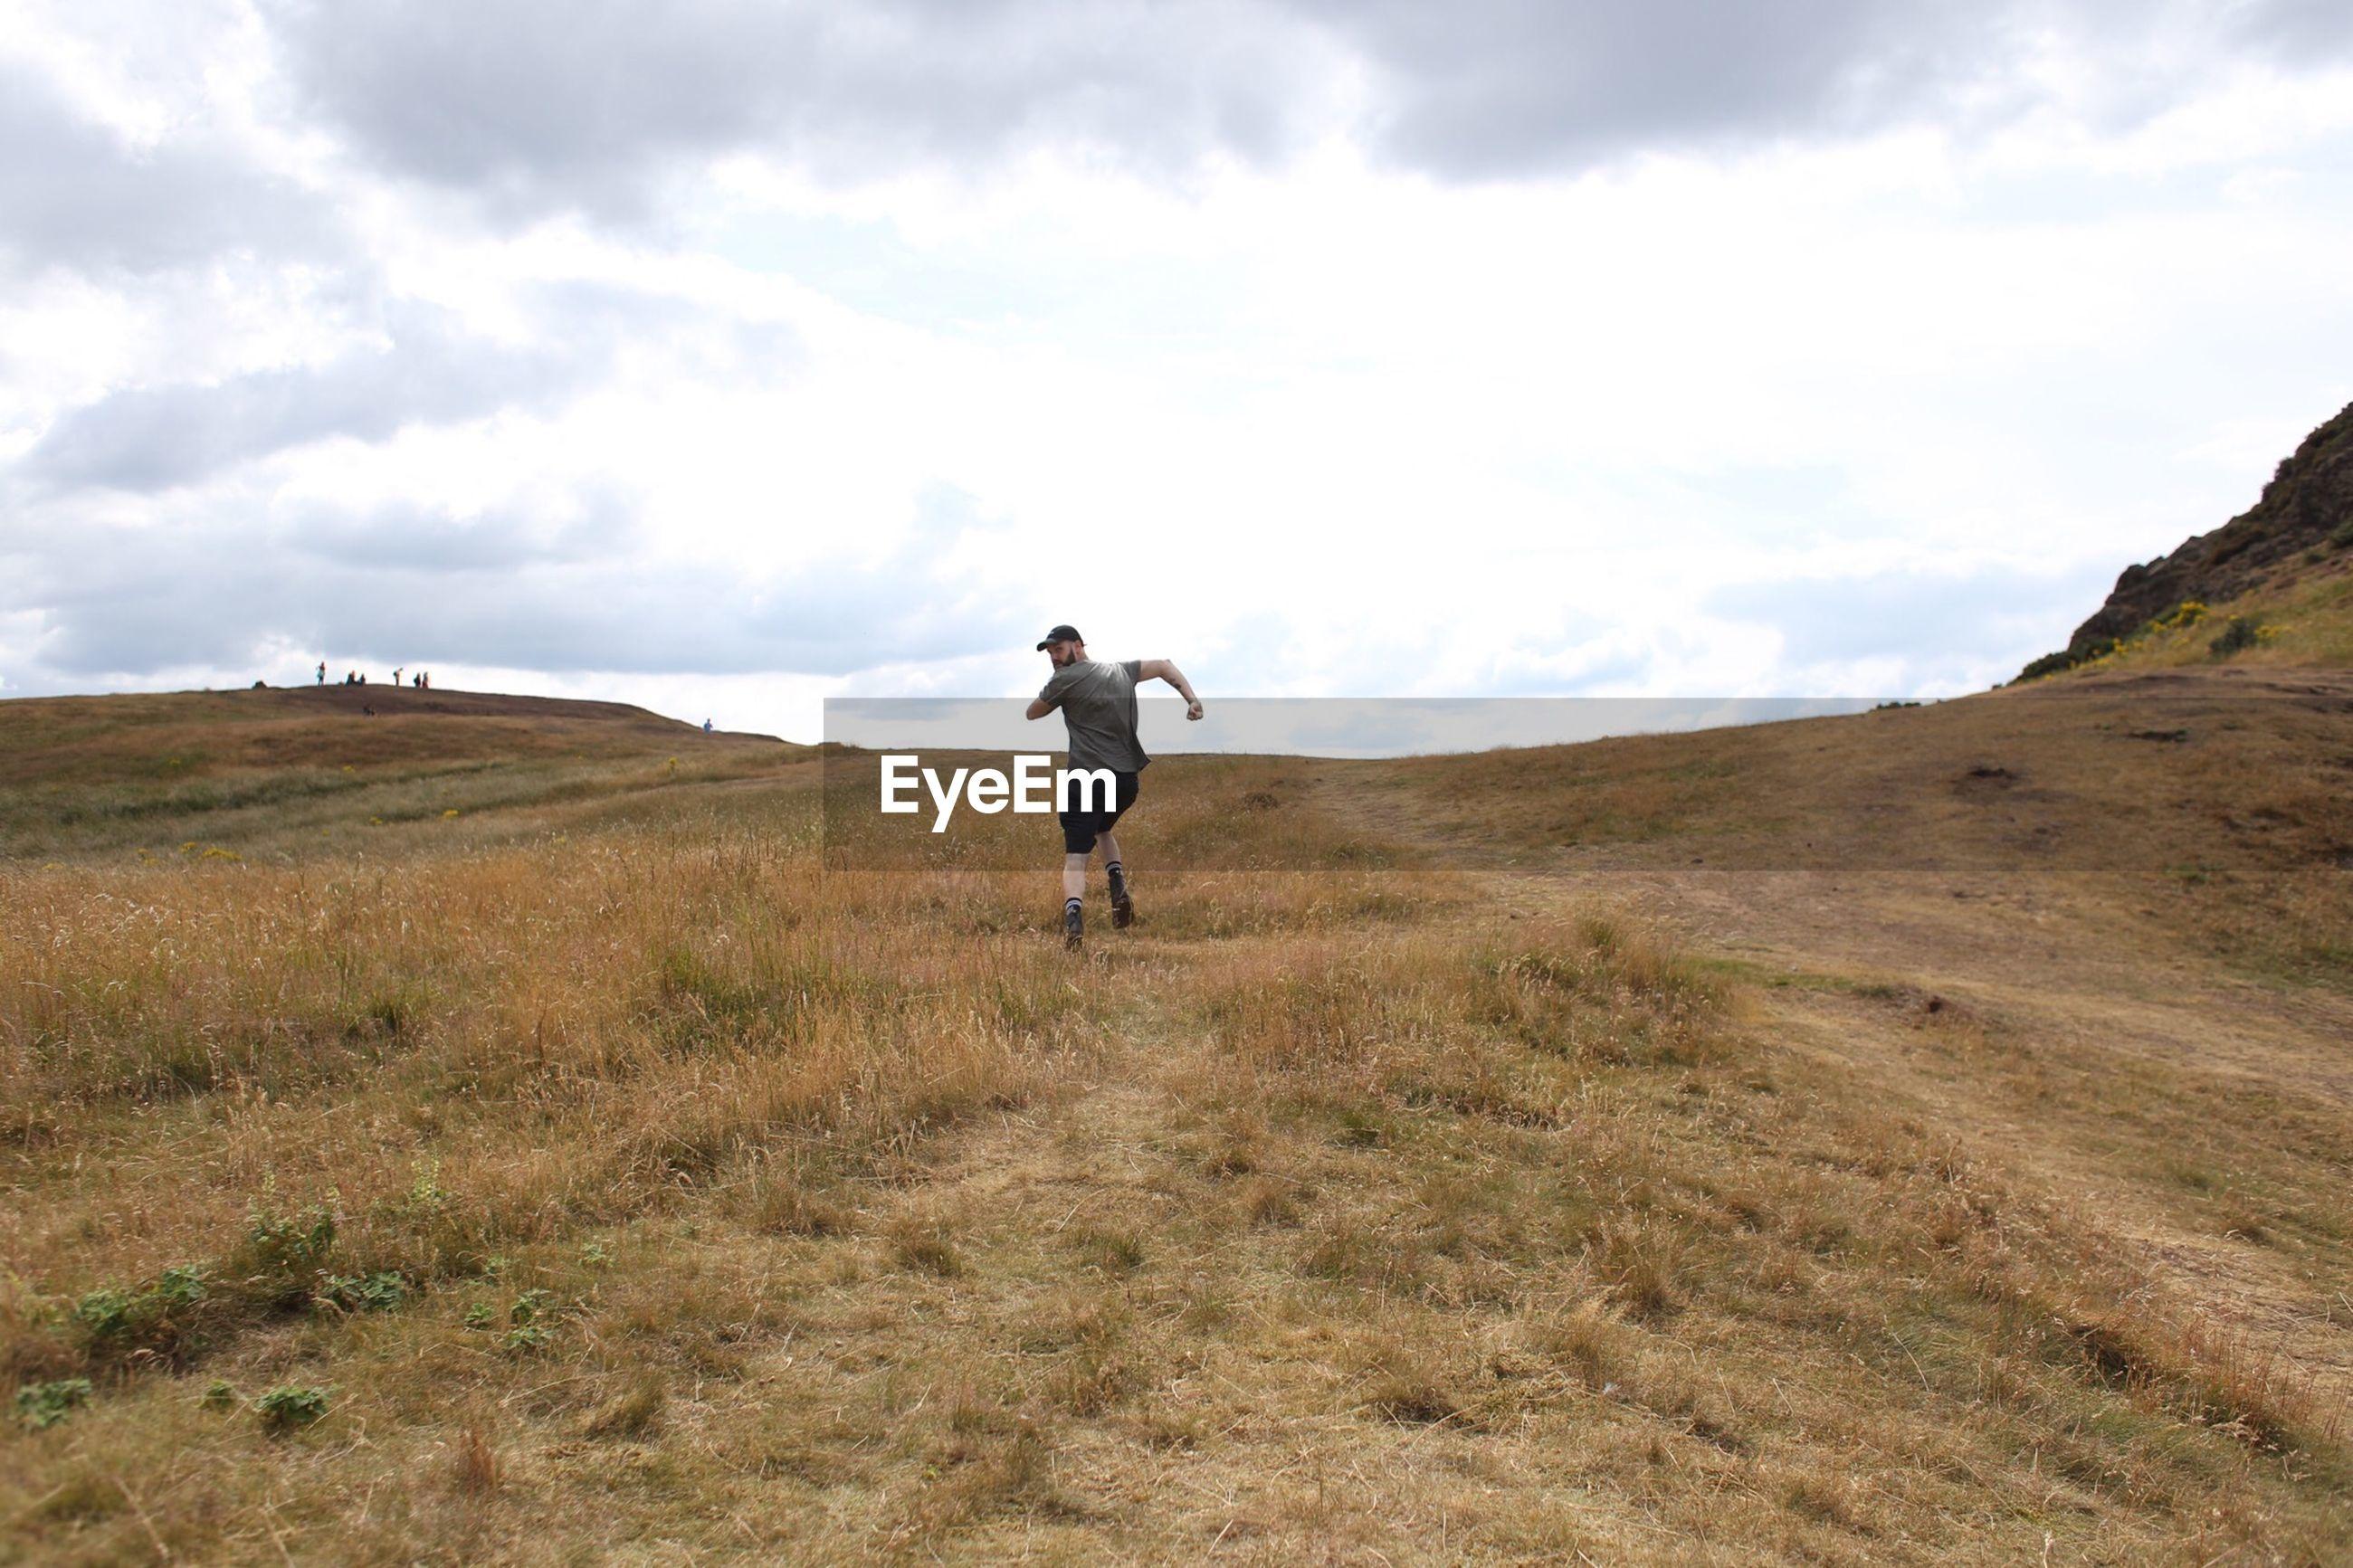 FULL LENGTH OF MAN ON FIELD